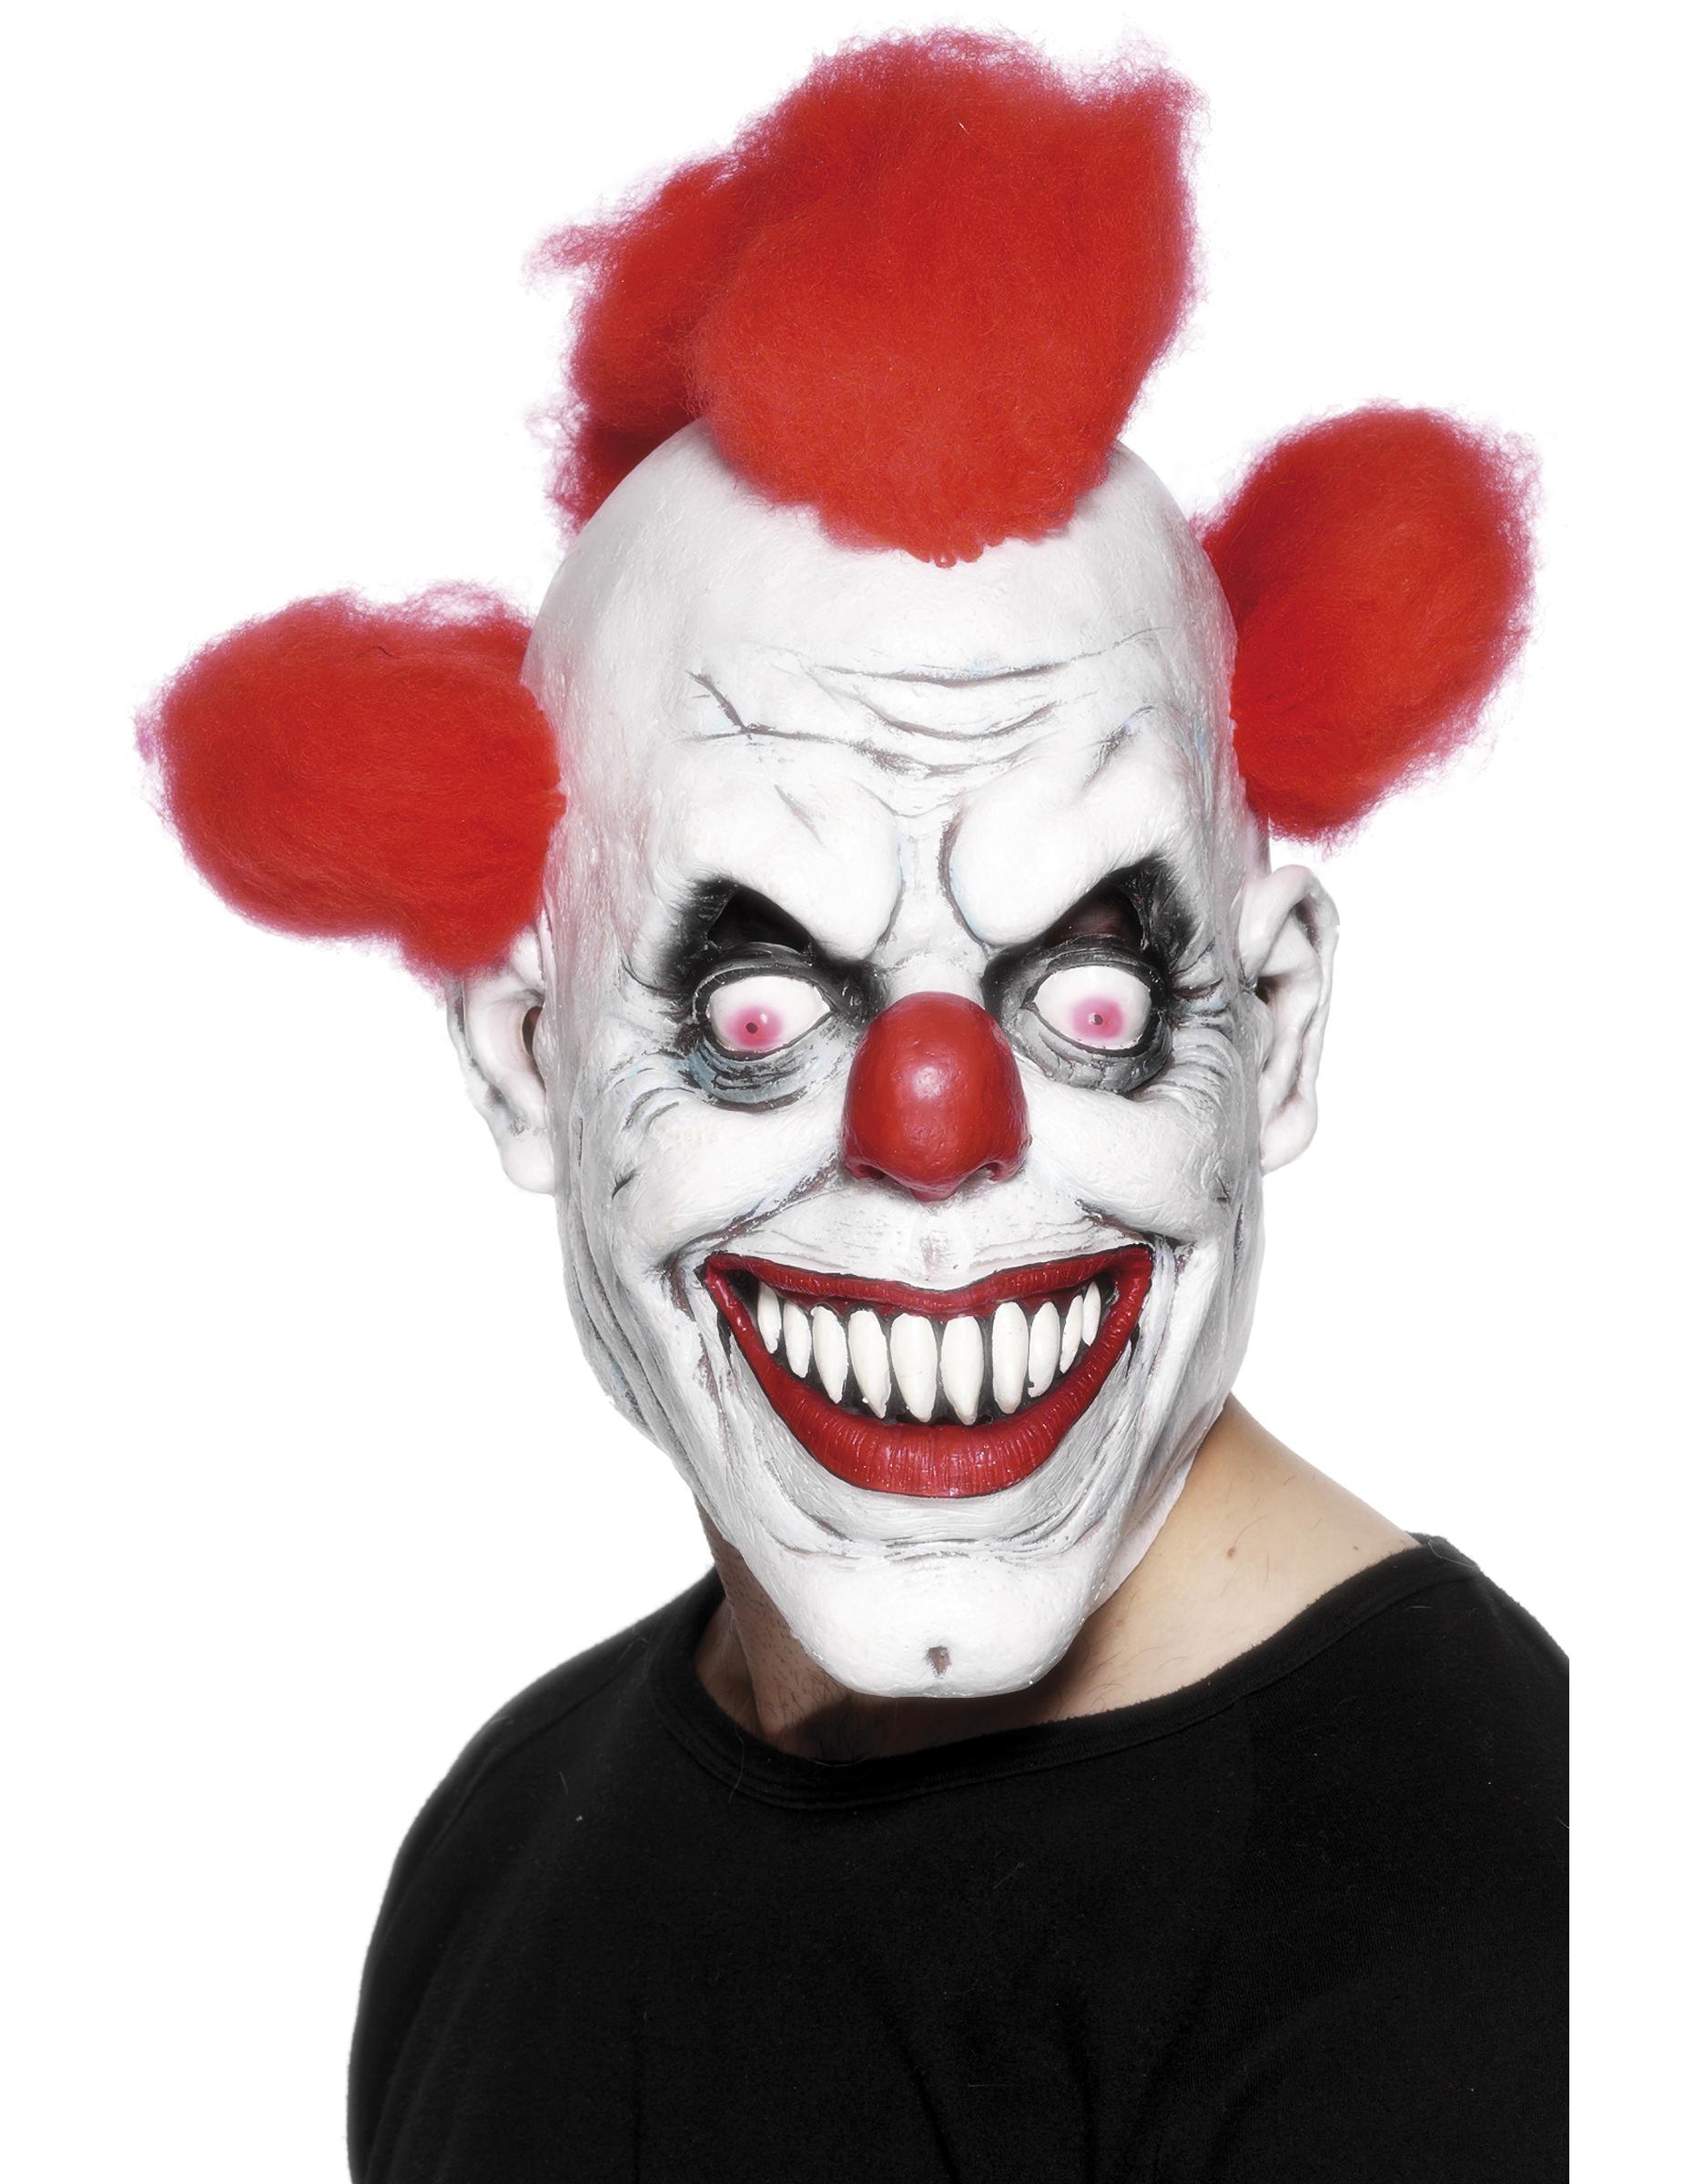 halloween masks uk: